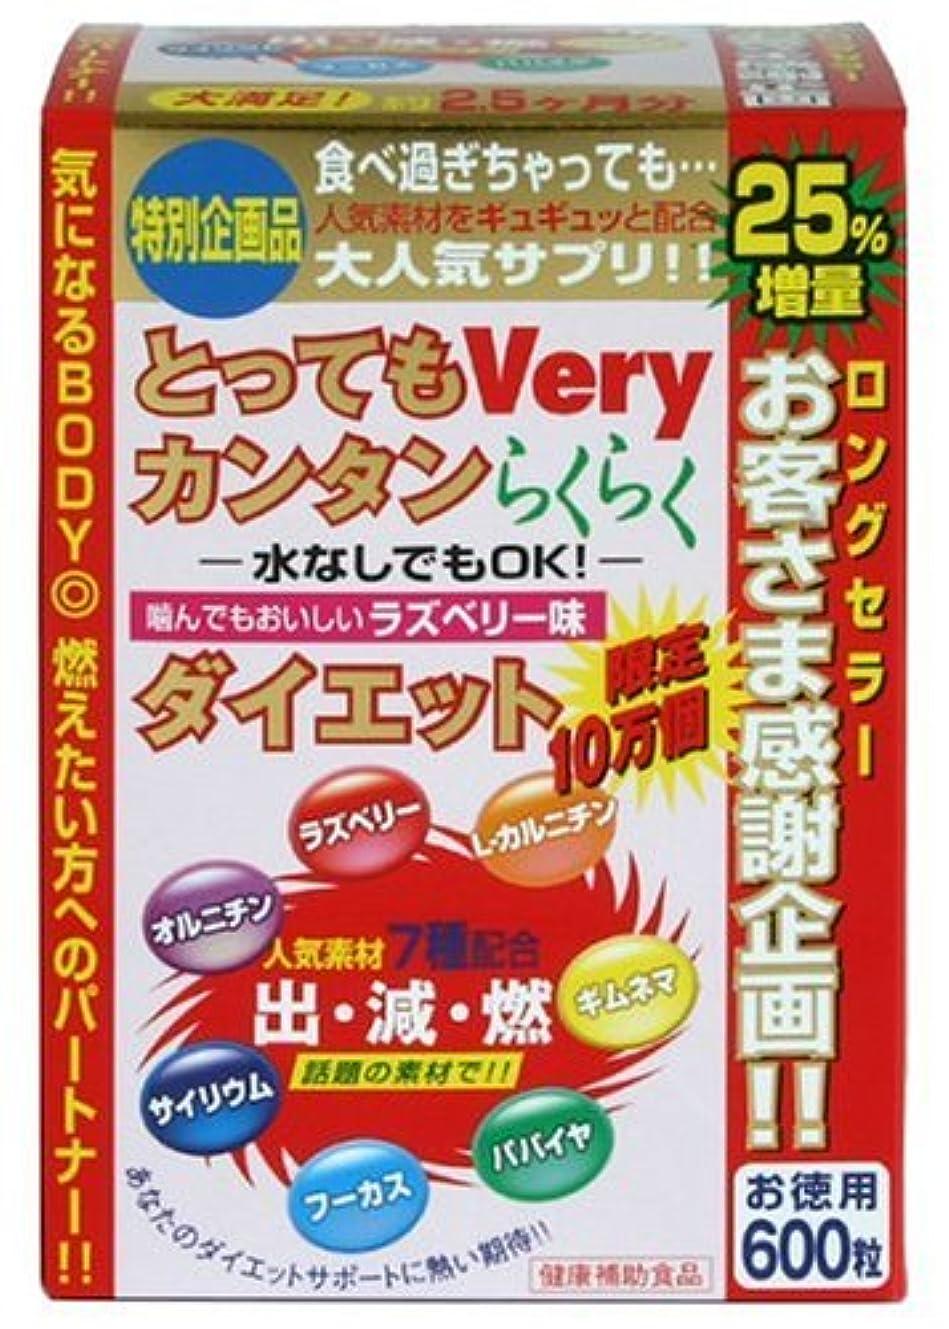 パットフラスコ花婿とってもVery カンタンらくらく ダイエット 増量版(240mg×600粒)